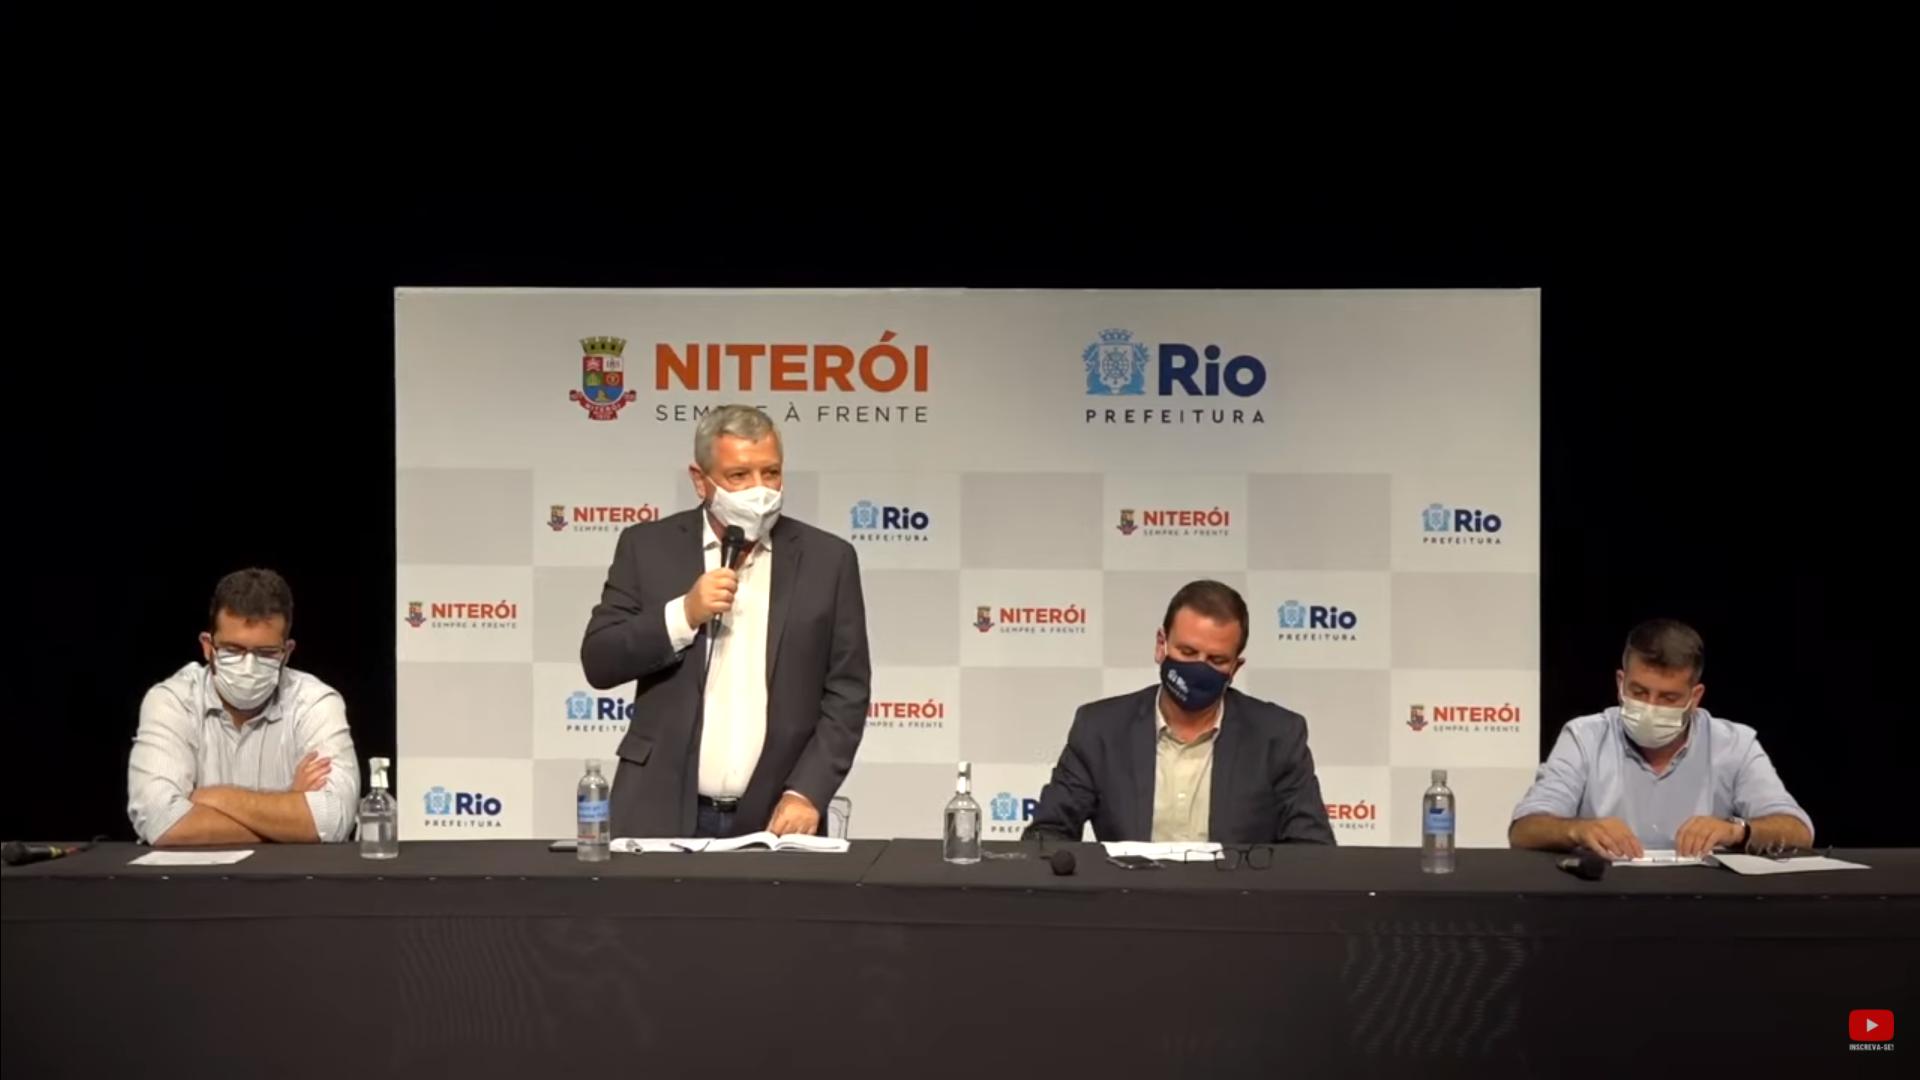 IMAGEM: Rio e Niterói anunciam toque de recolher das 23h às 5h